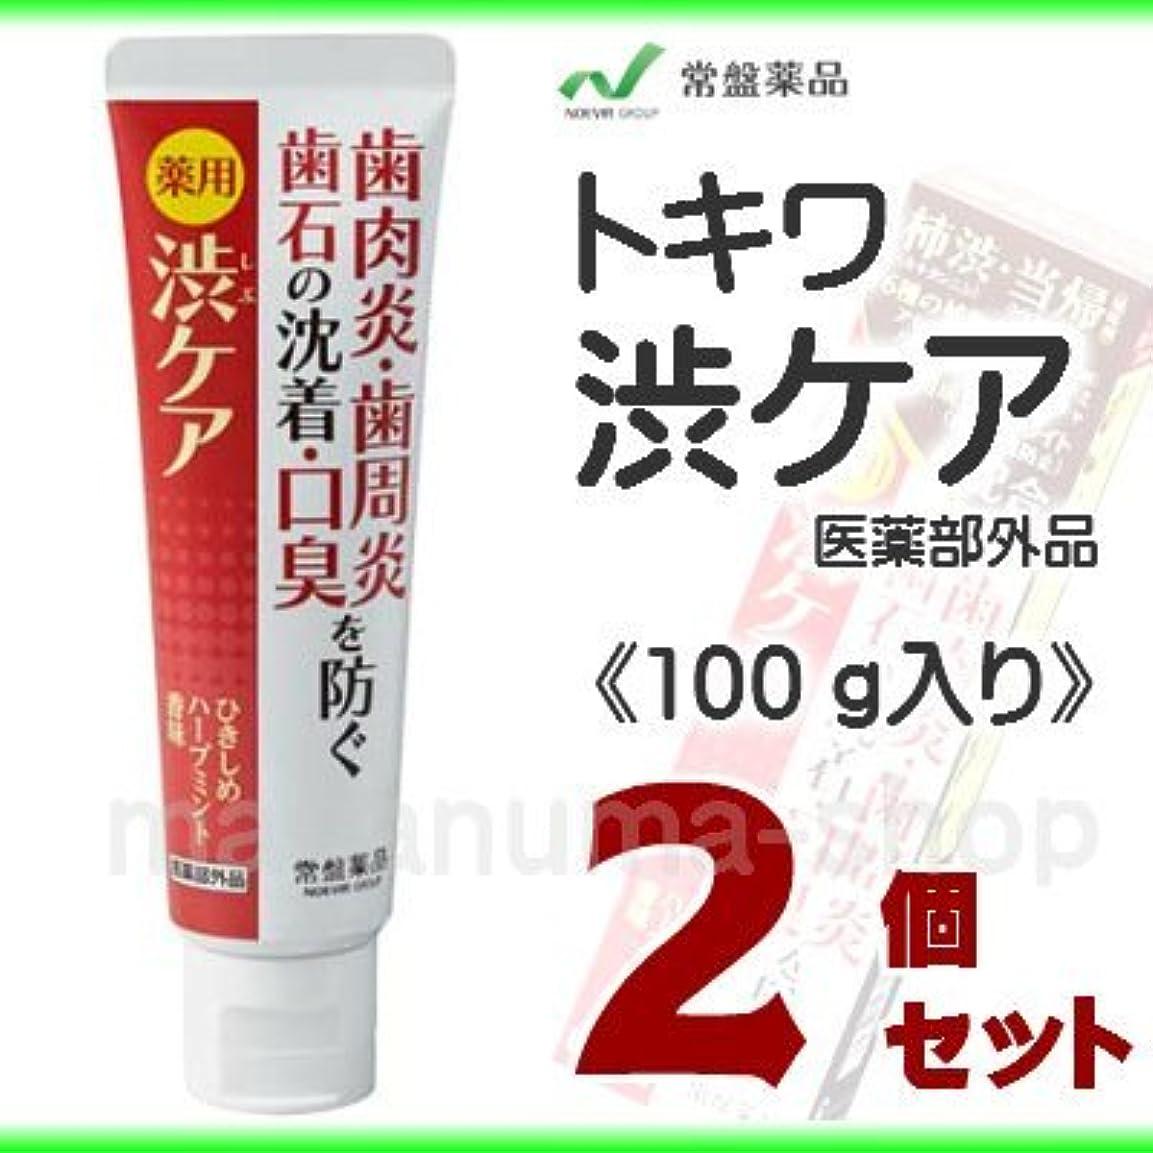 ローズ花瓶リファイントキワ 薬用渋ケア (100g) 2個セット